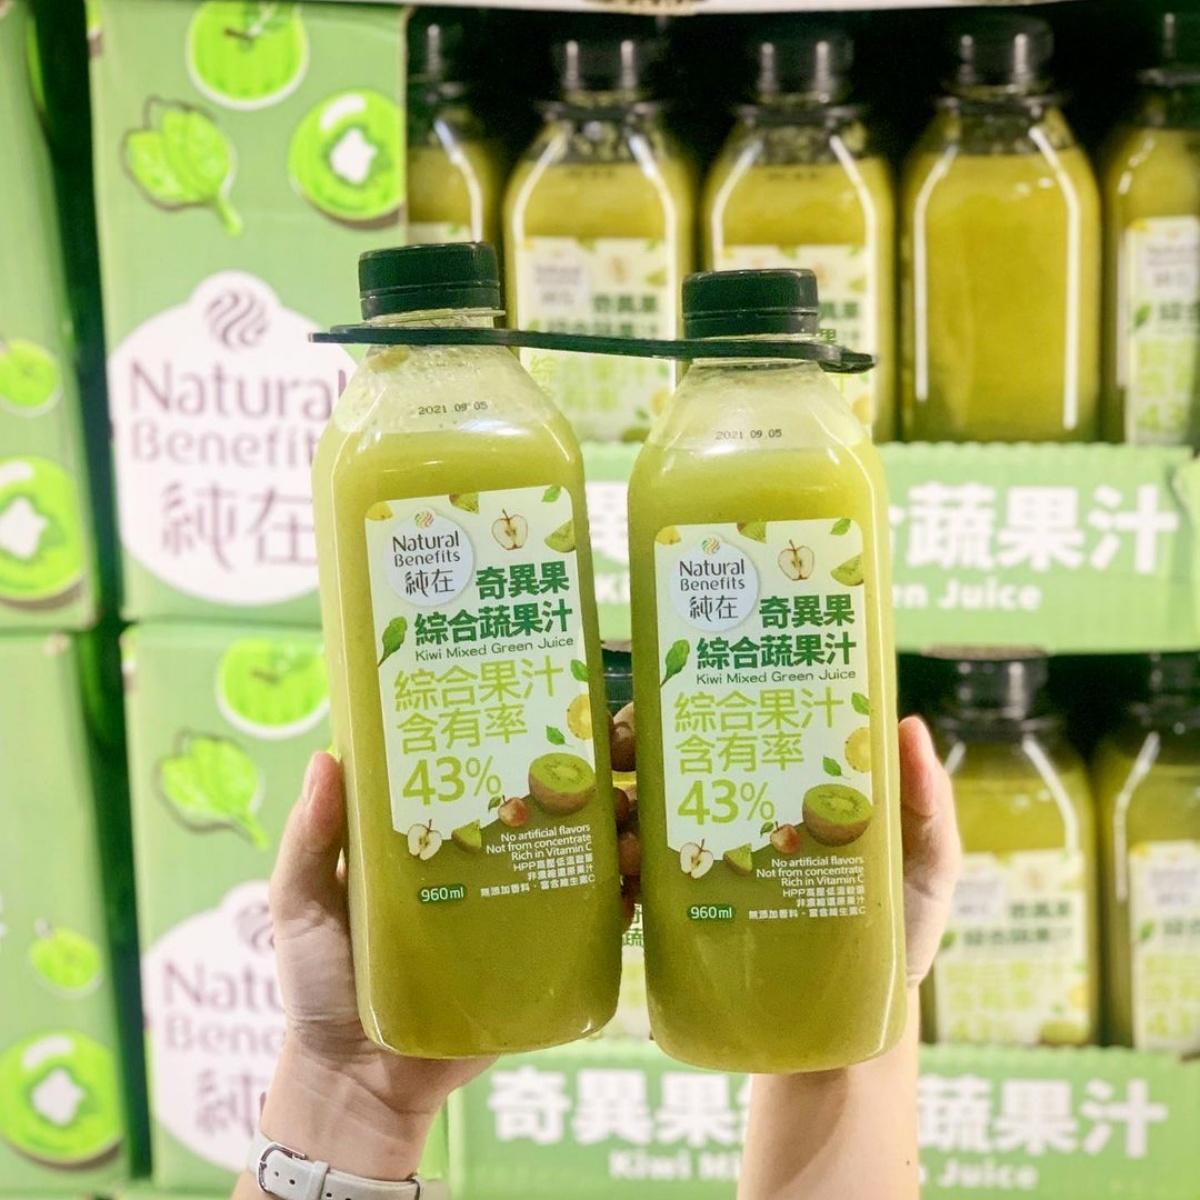 好市多新爆品「奇異果綜合蔬果汁」!43%果汁含量、4種蔬果一次補足